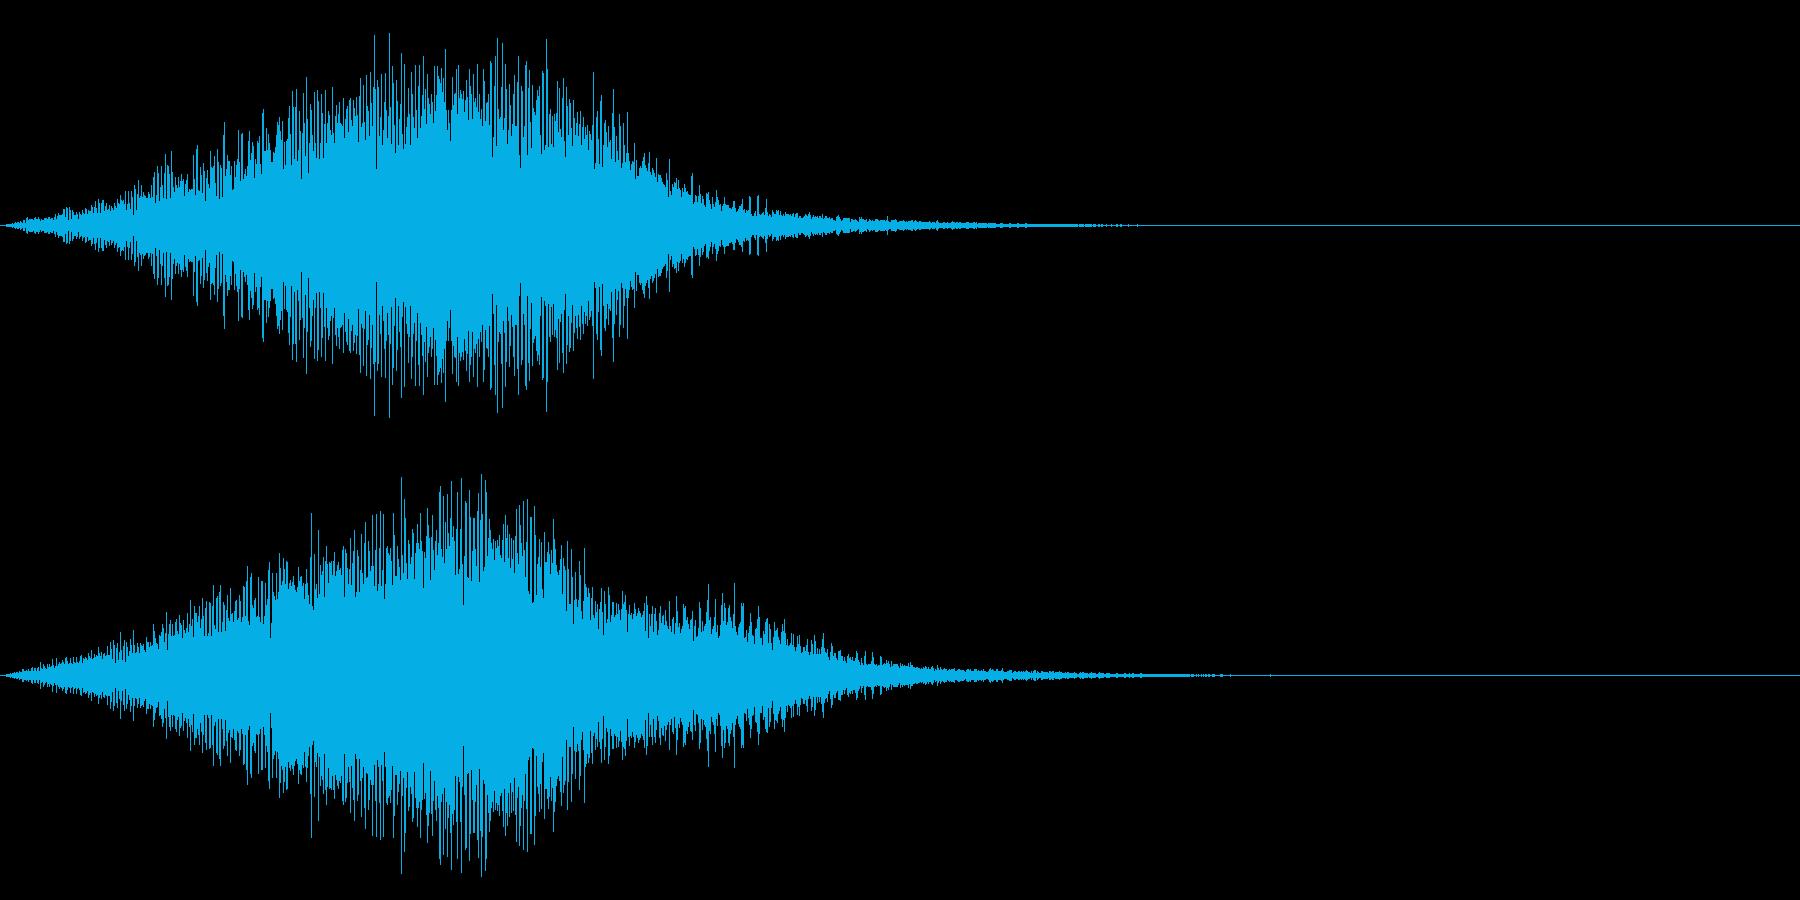 【昭和特撮風】化学反応/ワープの音 3の再生済みの波形